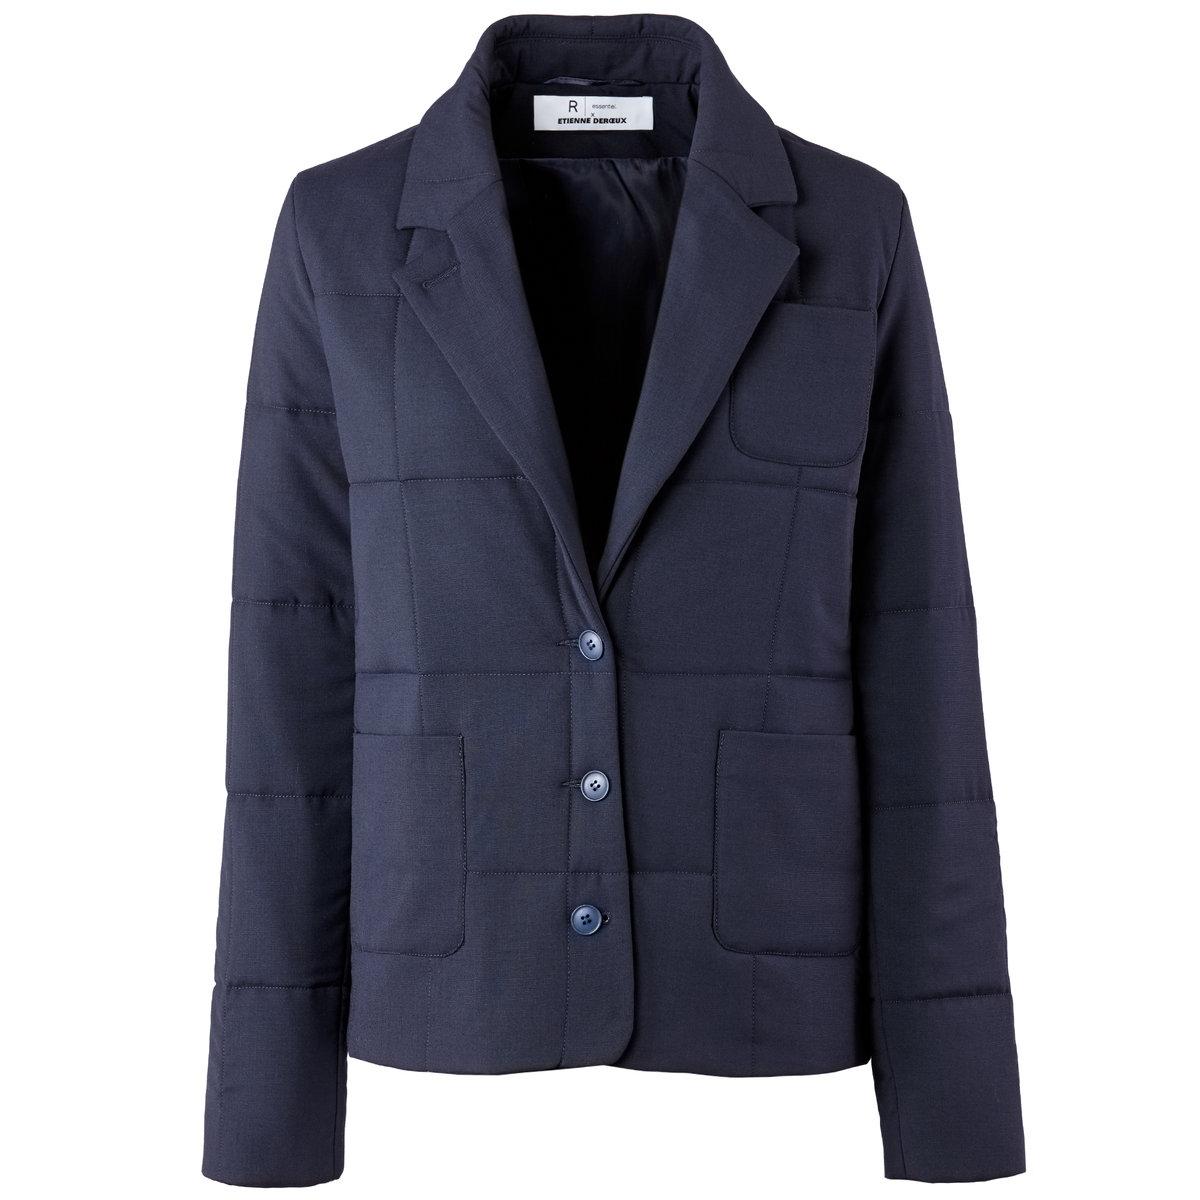 Пиджак стеганый – ETIENNE DEROEUX POUR R/essentielПрямой пиджак, покоряющий своей простотой, сочетается с джинсами или прямыми брюками на каждый день.<br><br>Цвет: темно-зеленый,темно-синий<br>Размер: 34 (FR) - 40 (RUS).34 (FR) - 40 (RUS).38 (FR) - 44 (RUS).36 (FR) - 42 (RUS)